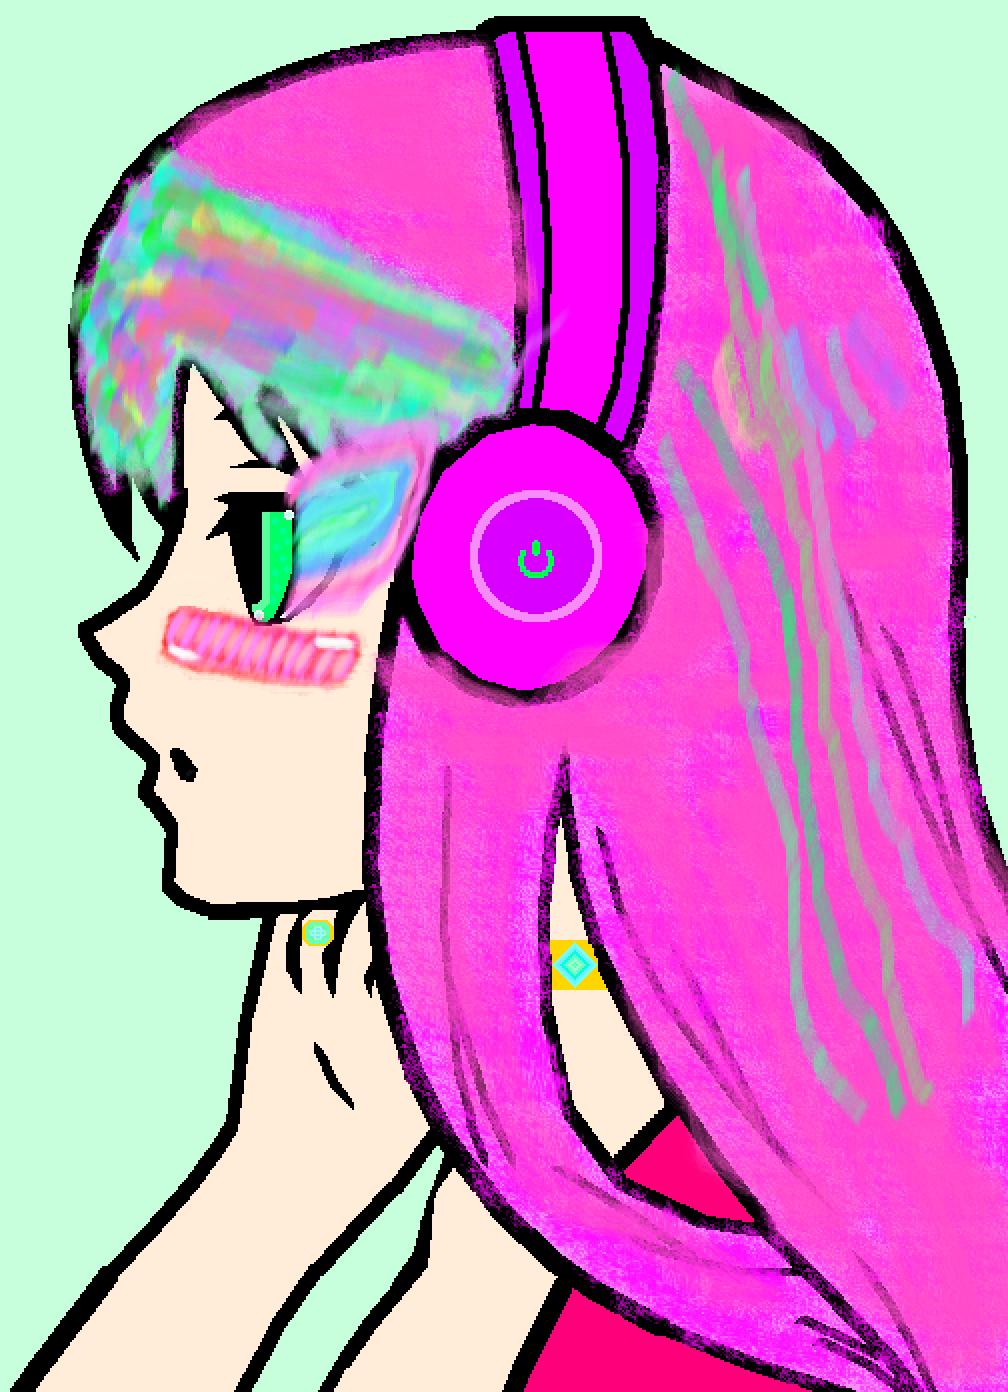 Aurora by brb